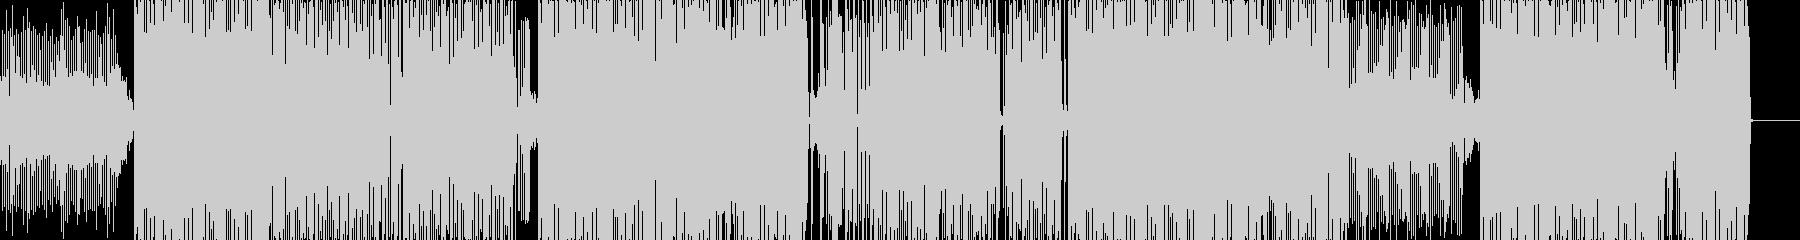 ユニークで軽快なゲーム音楽BGMの未再生の波形